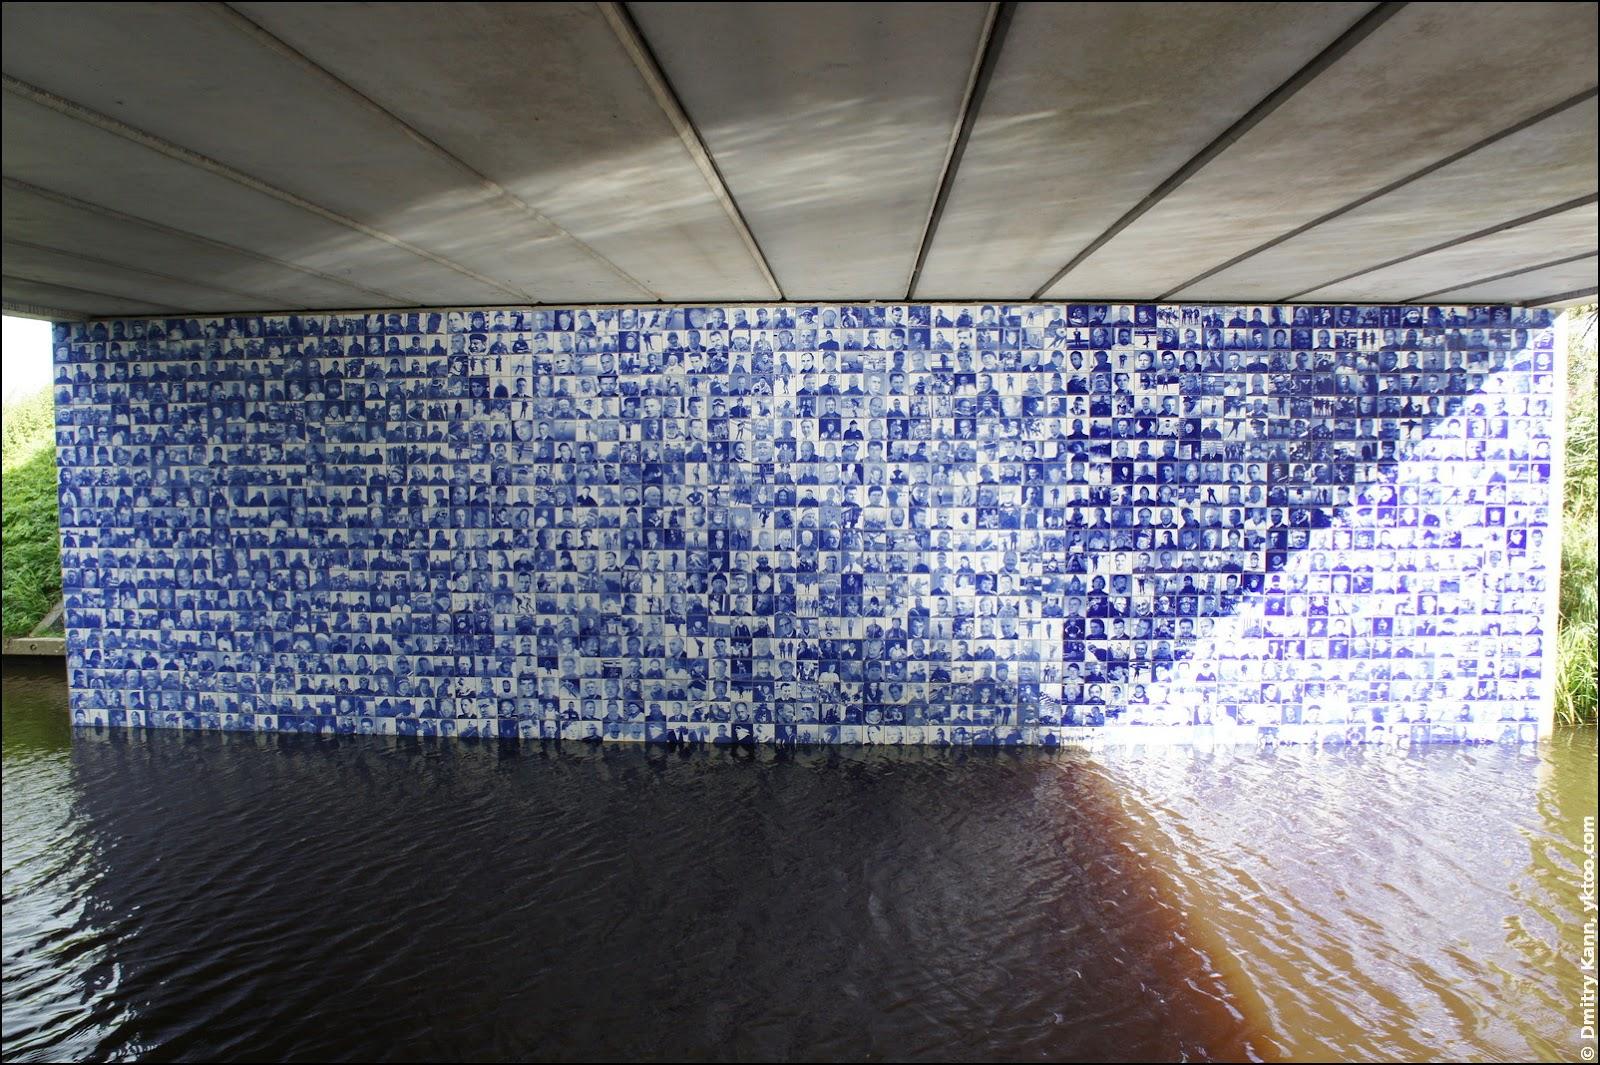 Elfstedenmonument, внутрення сторона моста.